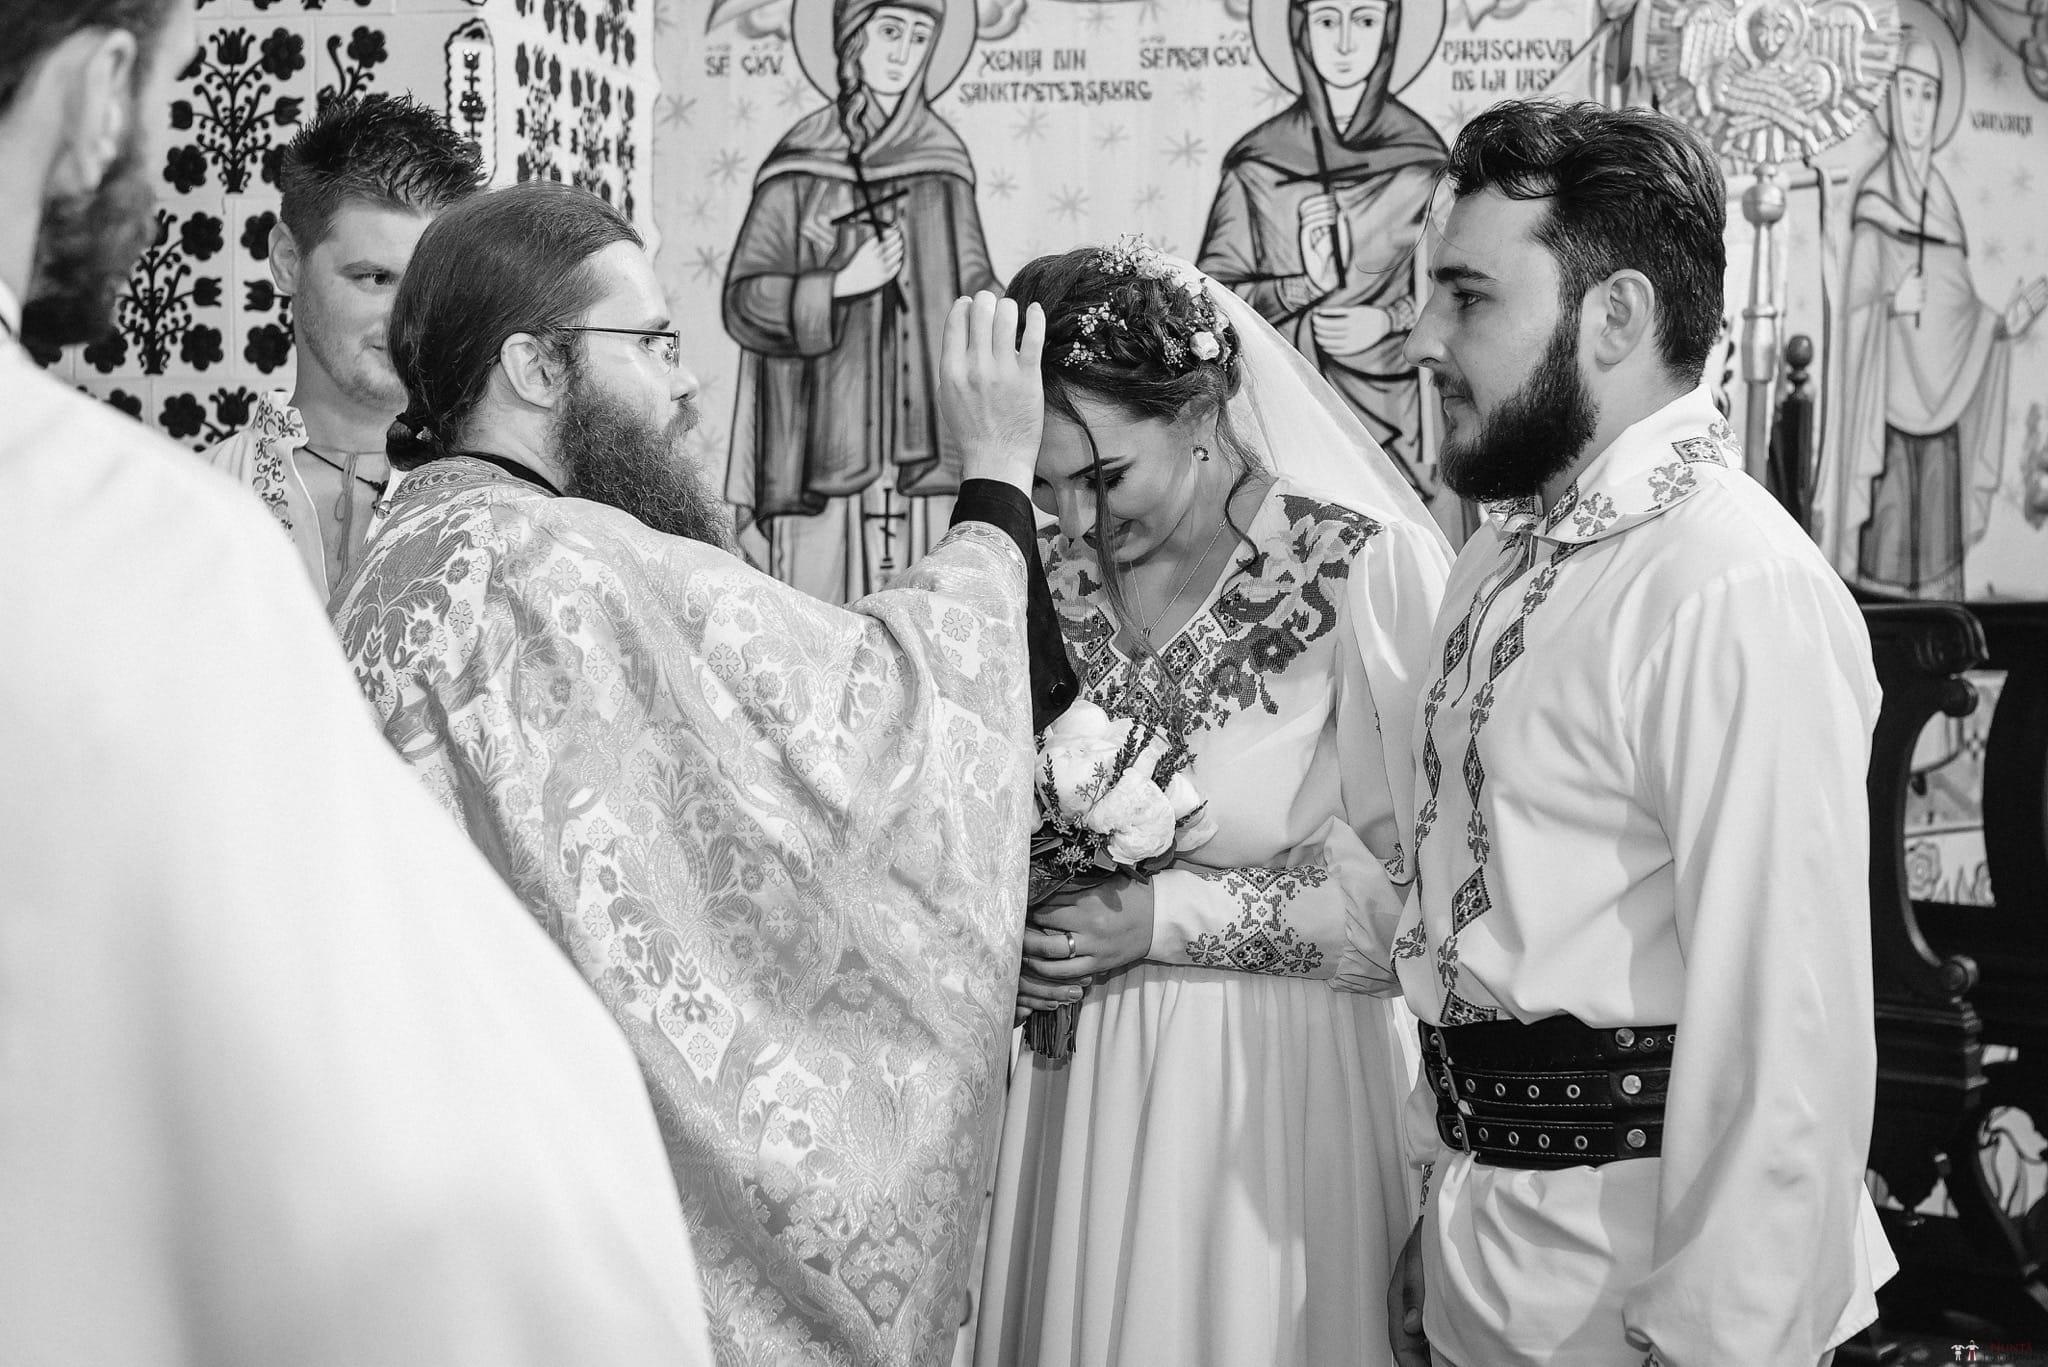 Povești Nunți Tradiționale - Daniela și Cristian, nuntă tradițională în Slobozia, Giurgiu 1